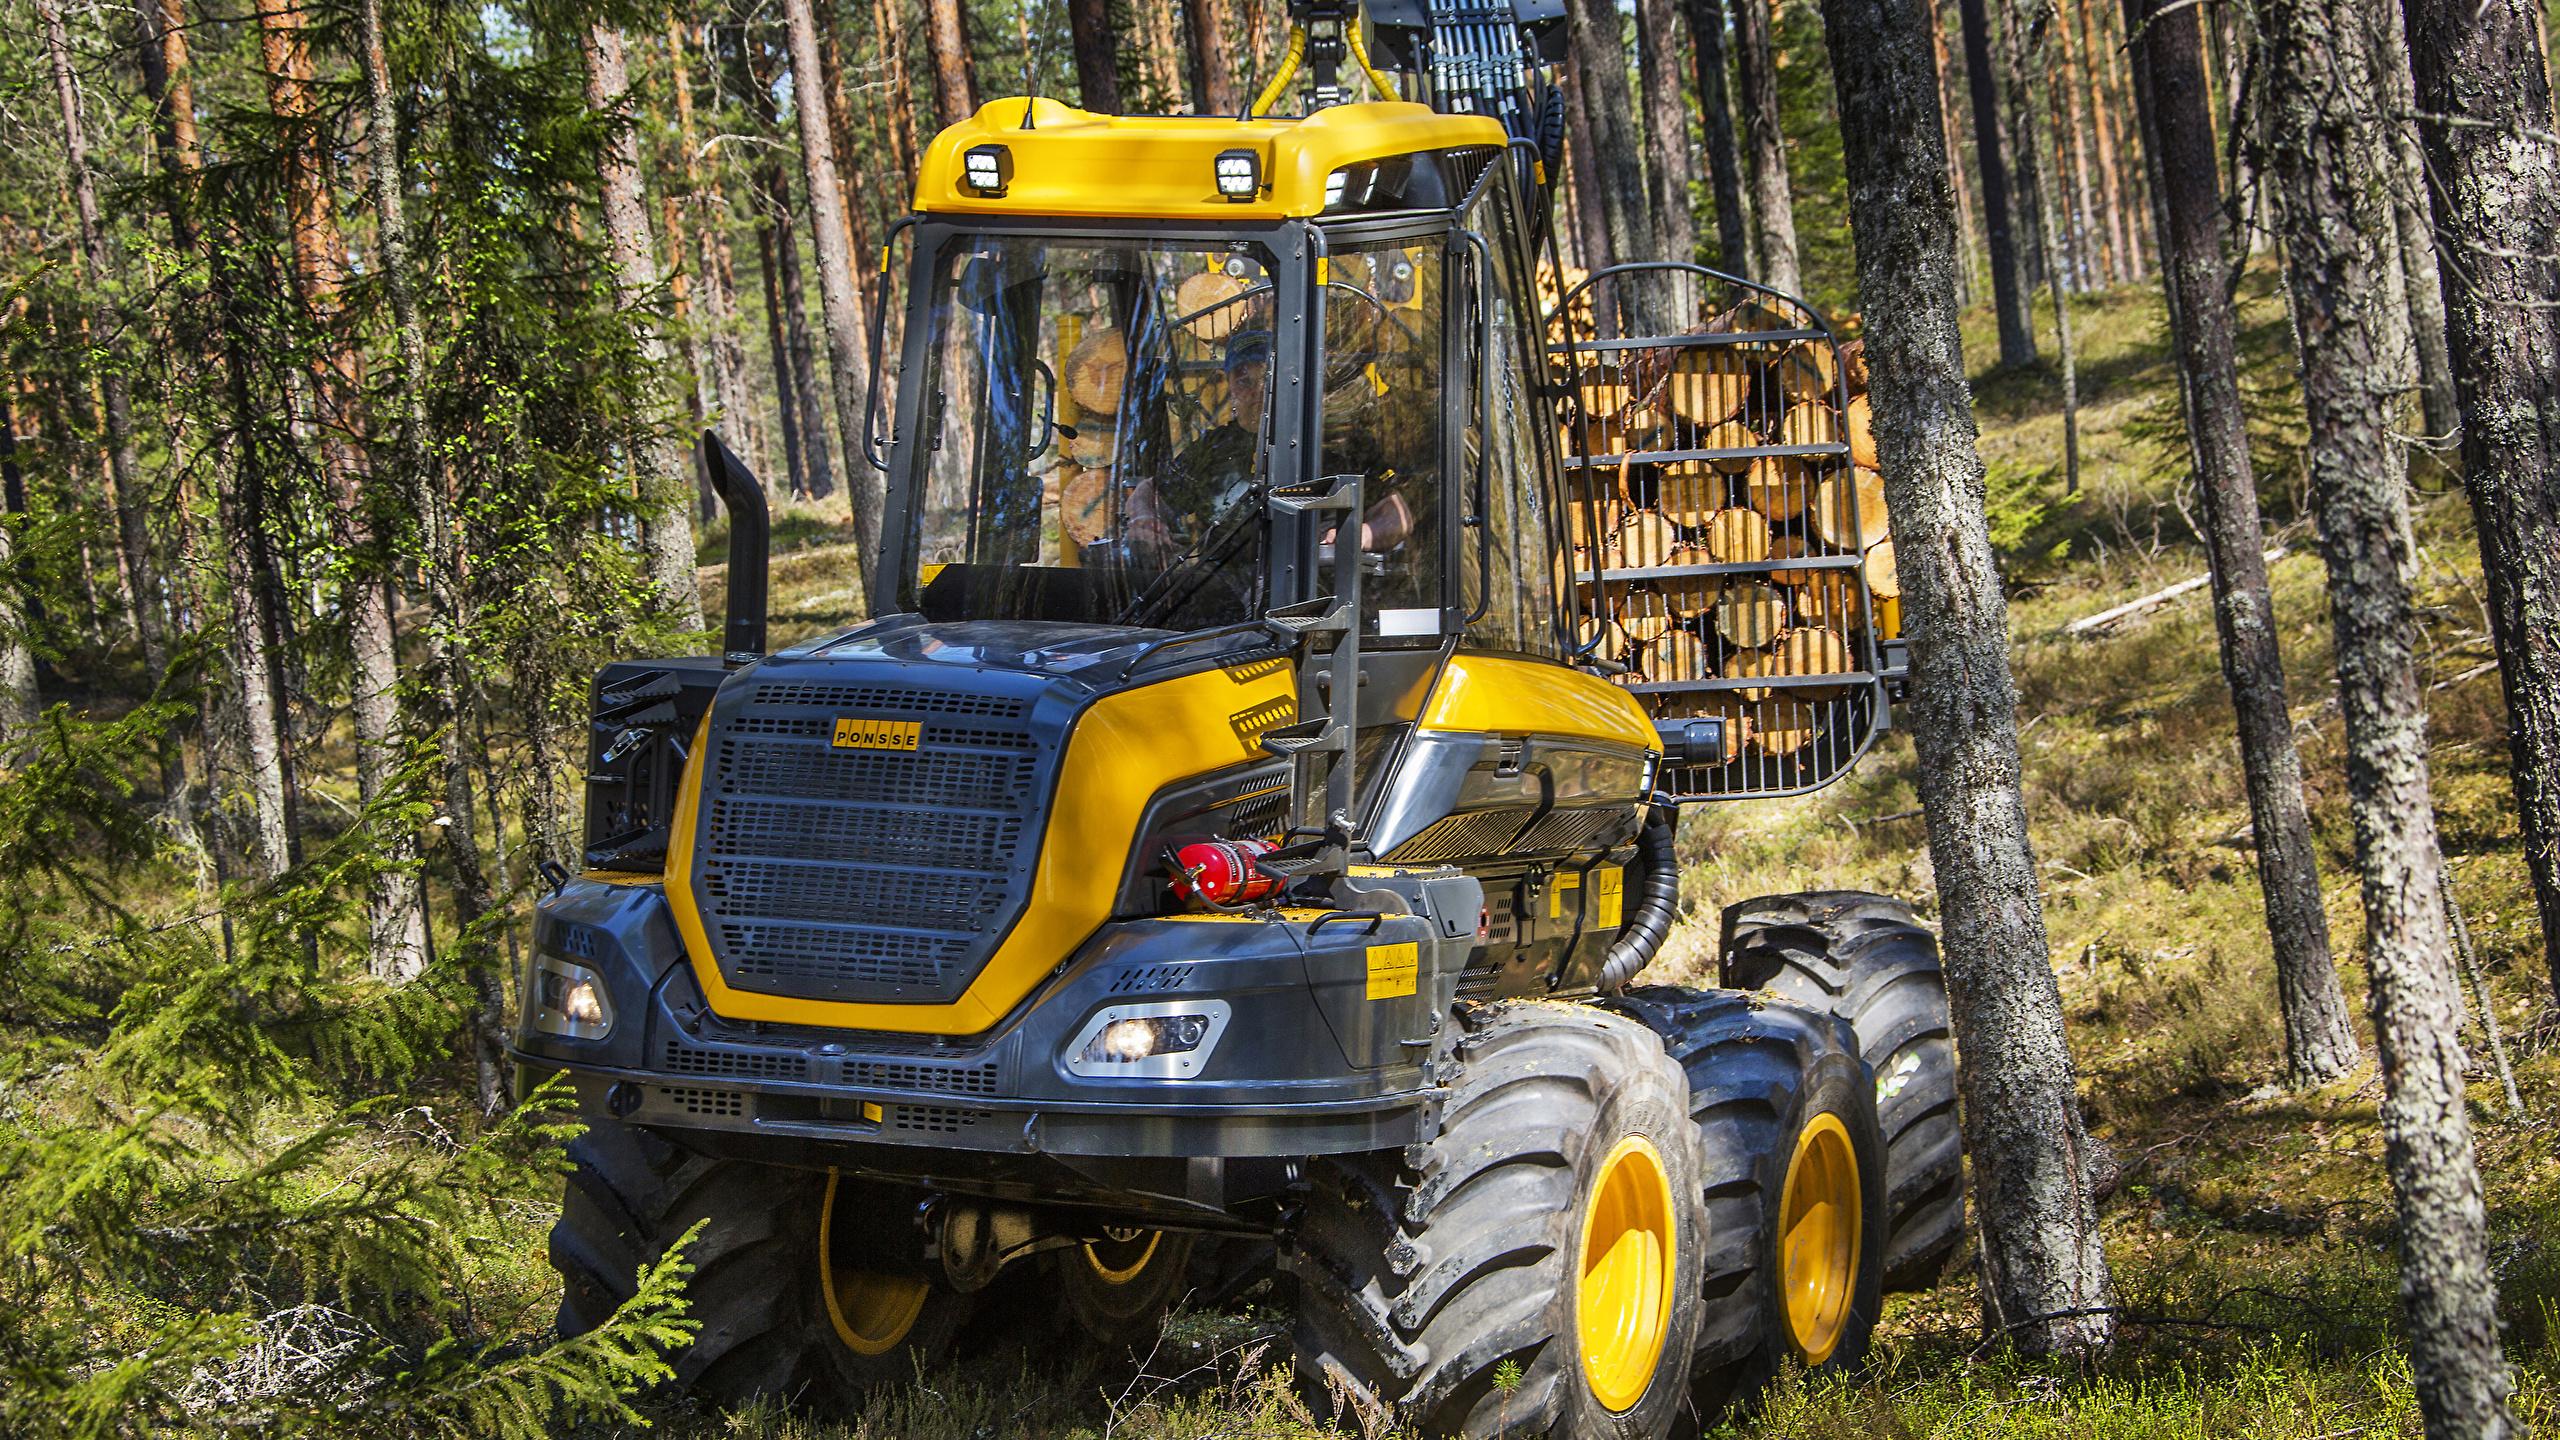 Картинка Форвардер 2014-17 Ponsse Wisent 8w Леса Деревья 2560x1440 лес дерево дерева деревьев